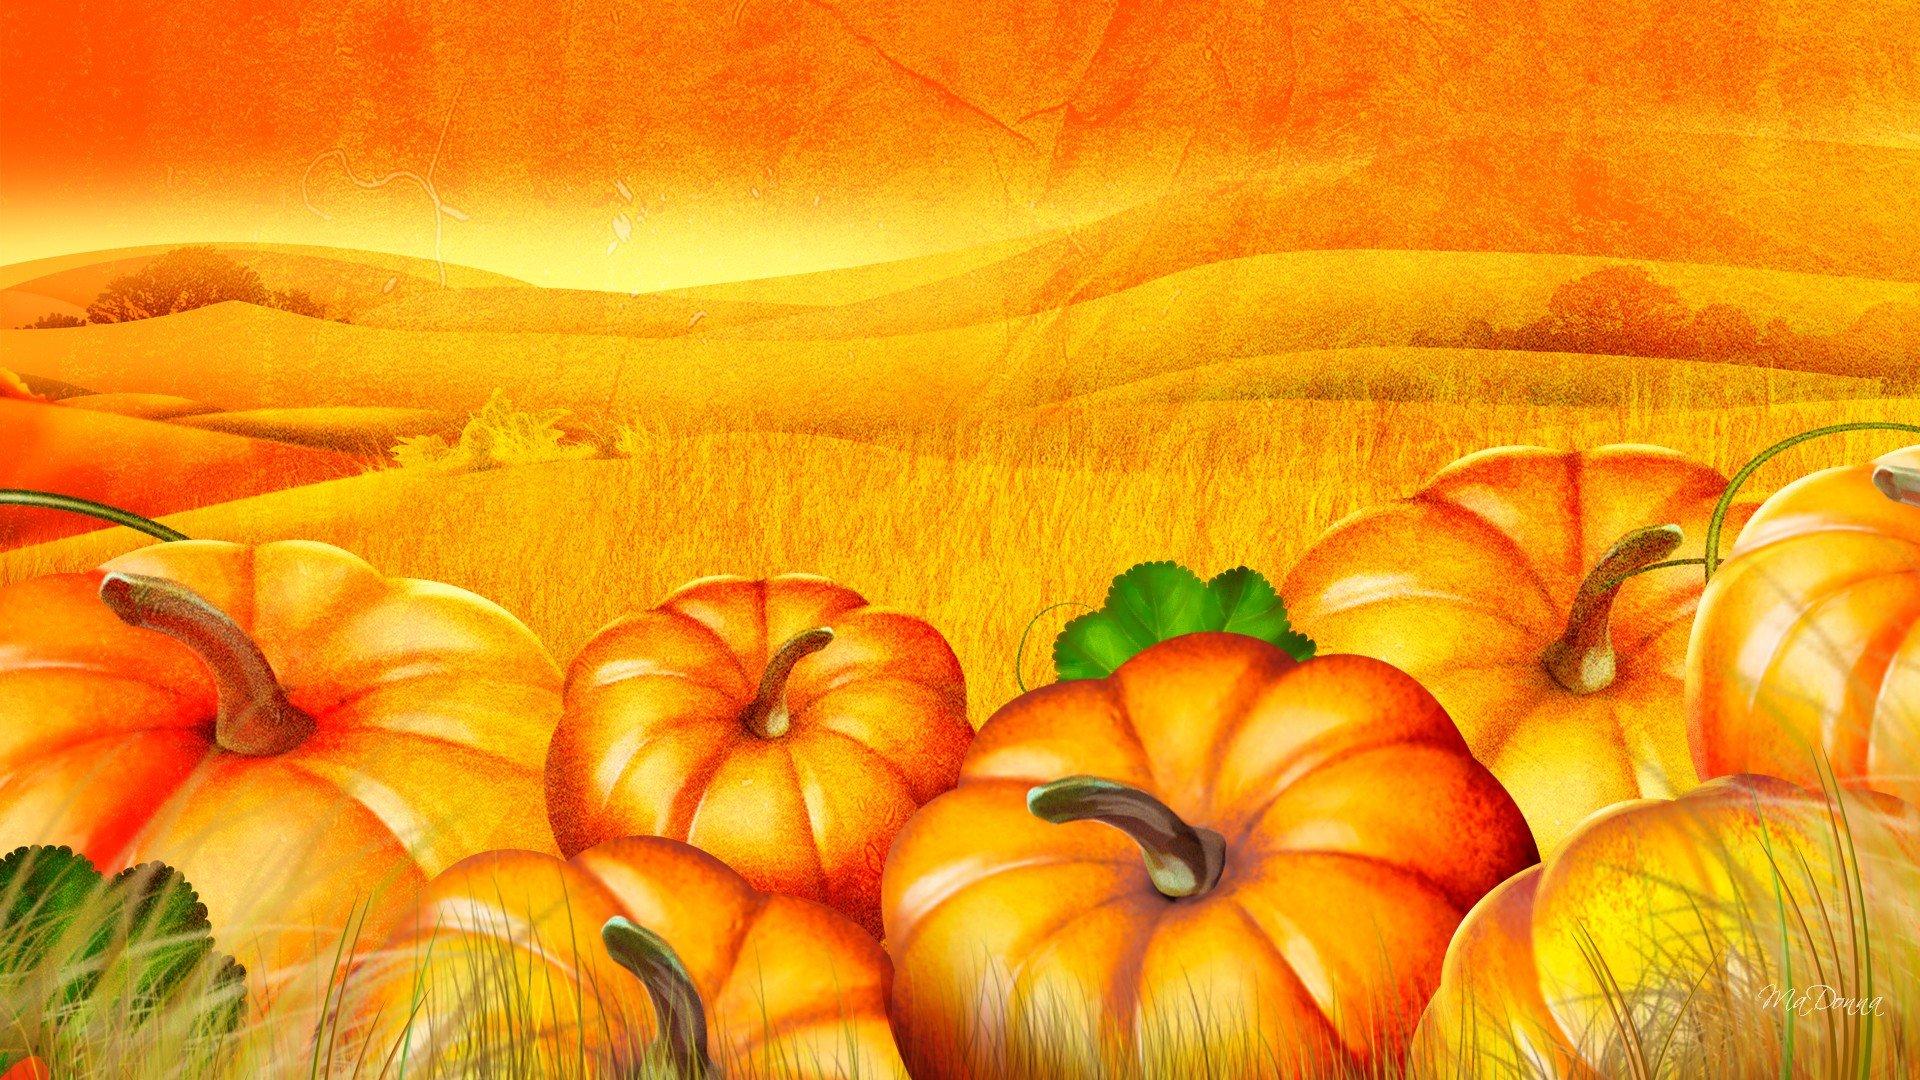 Pumpkin patch halloween autumn wallpaper | 1920x1080 ...